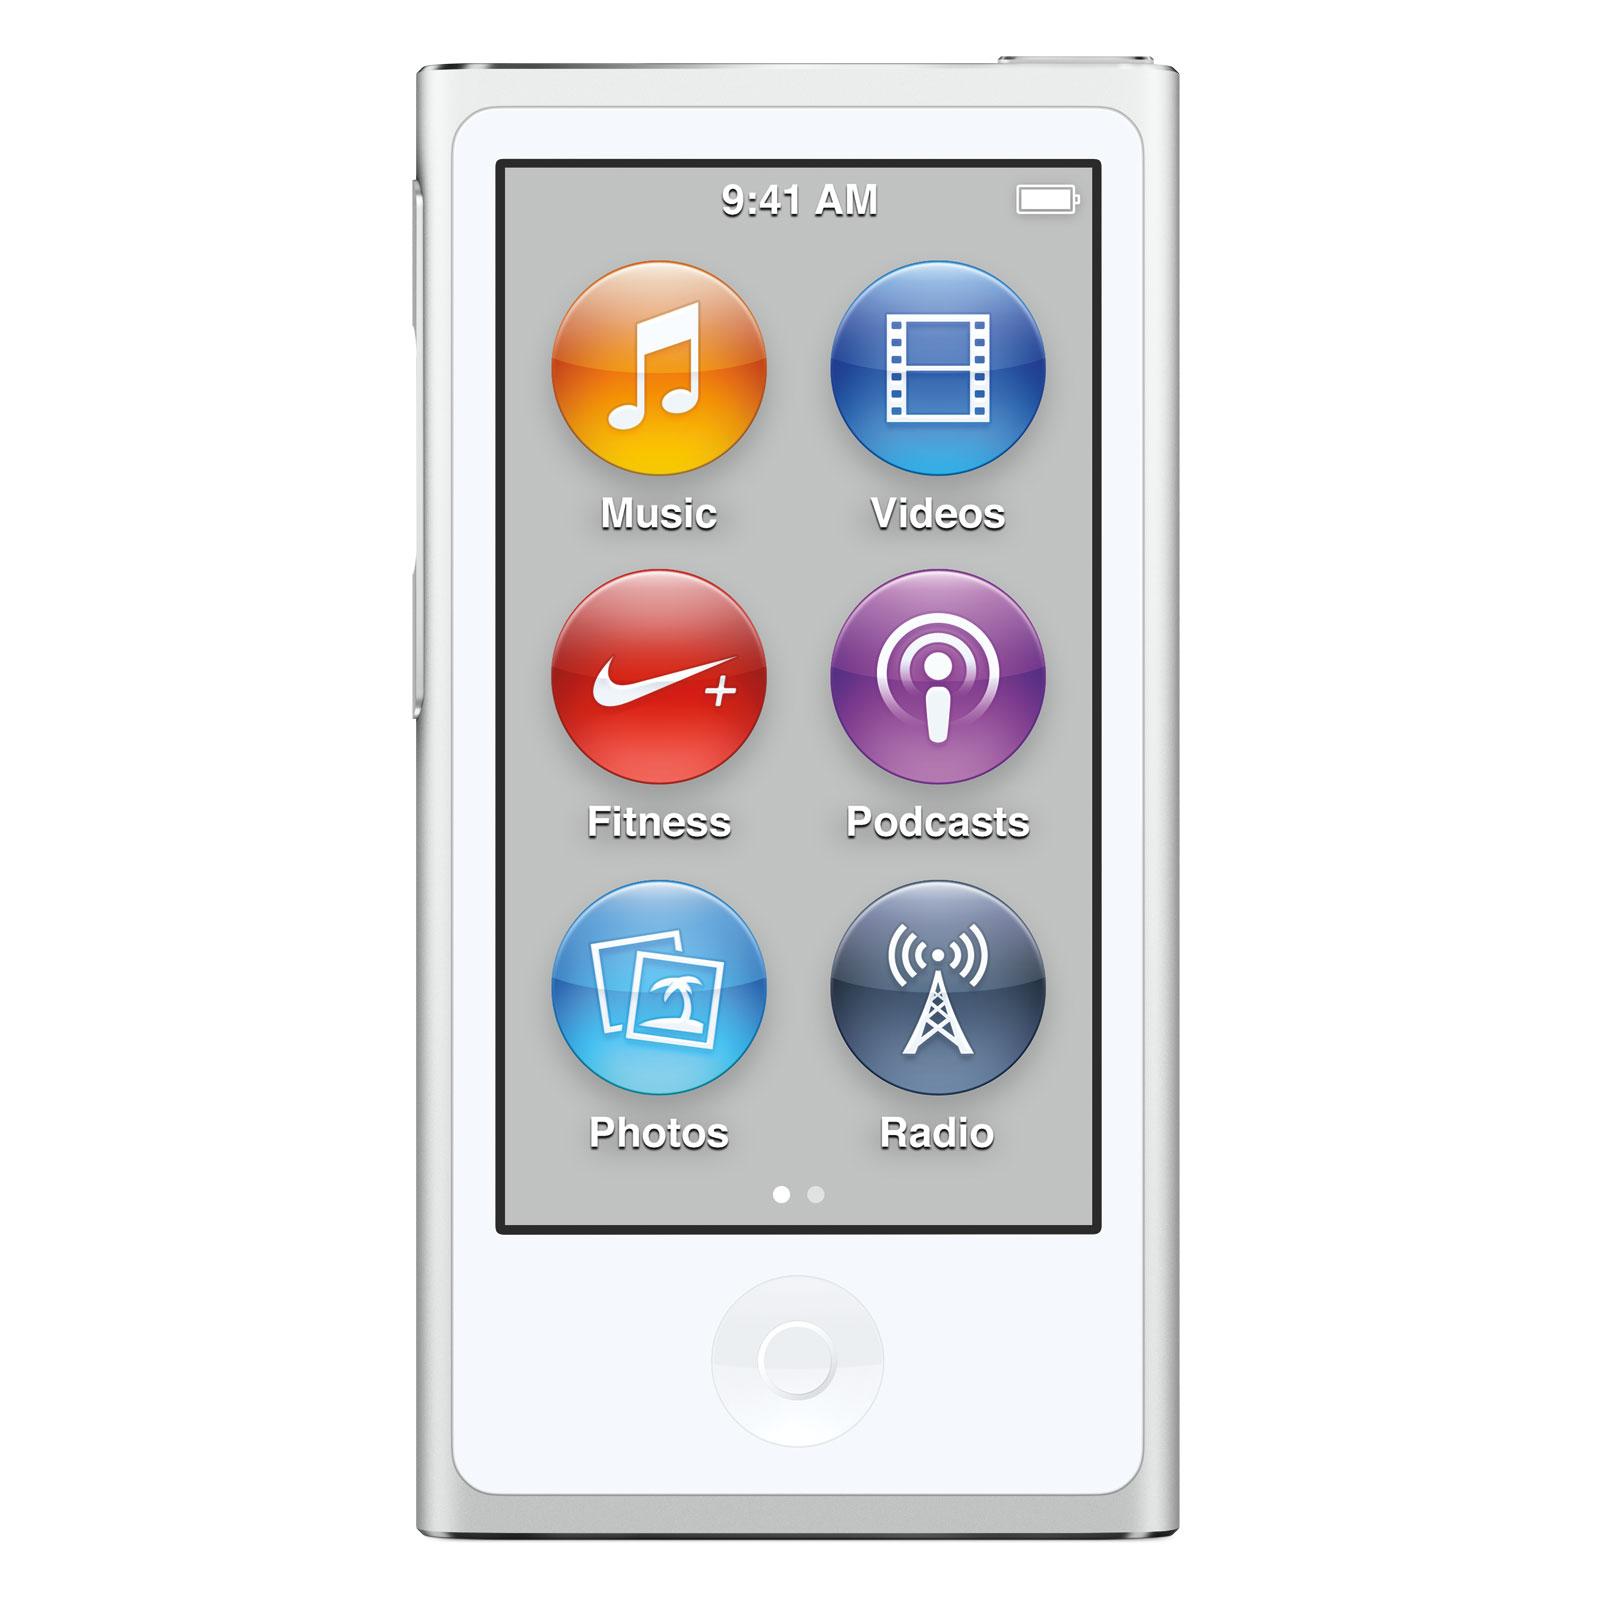 apple ipod nano 16 go argent 2015 lecteur mp3 ipod apple sur ldlc. Black Bedroom Furniture Sets. Home Design Ideas